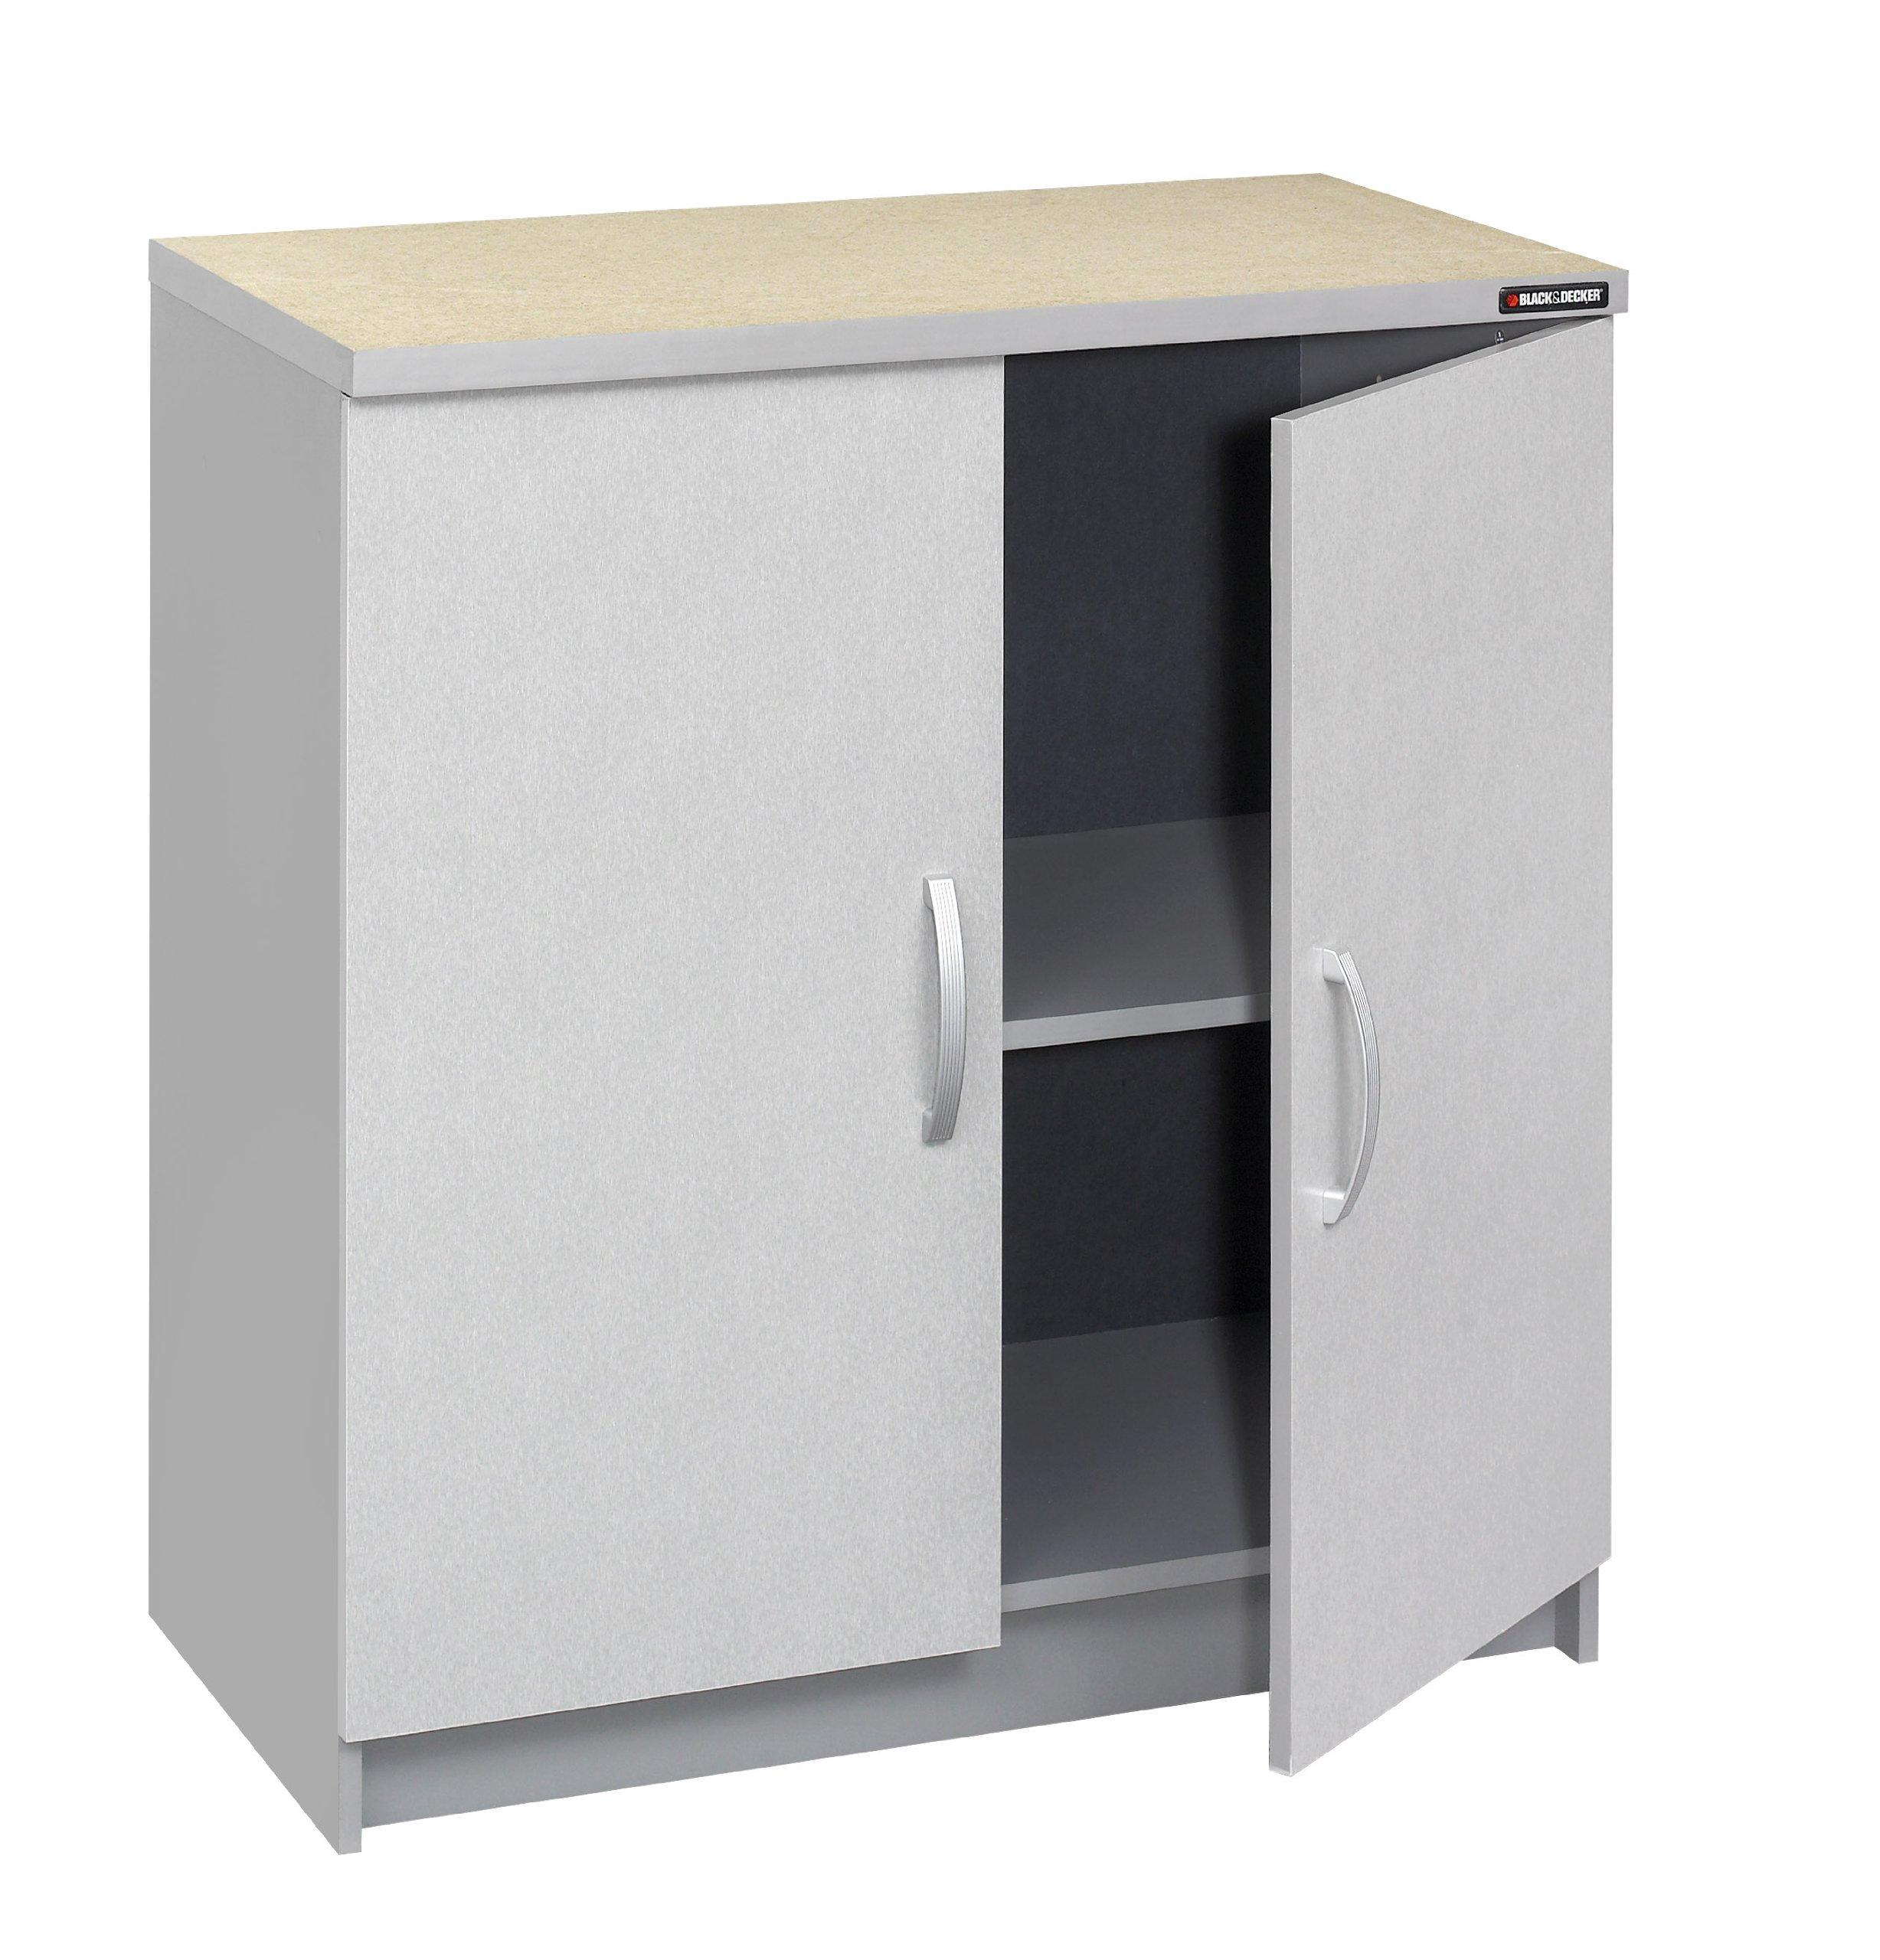 Black & Decker BG106162S 2 Door Base Cabinet